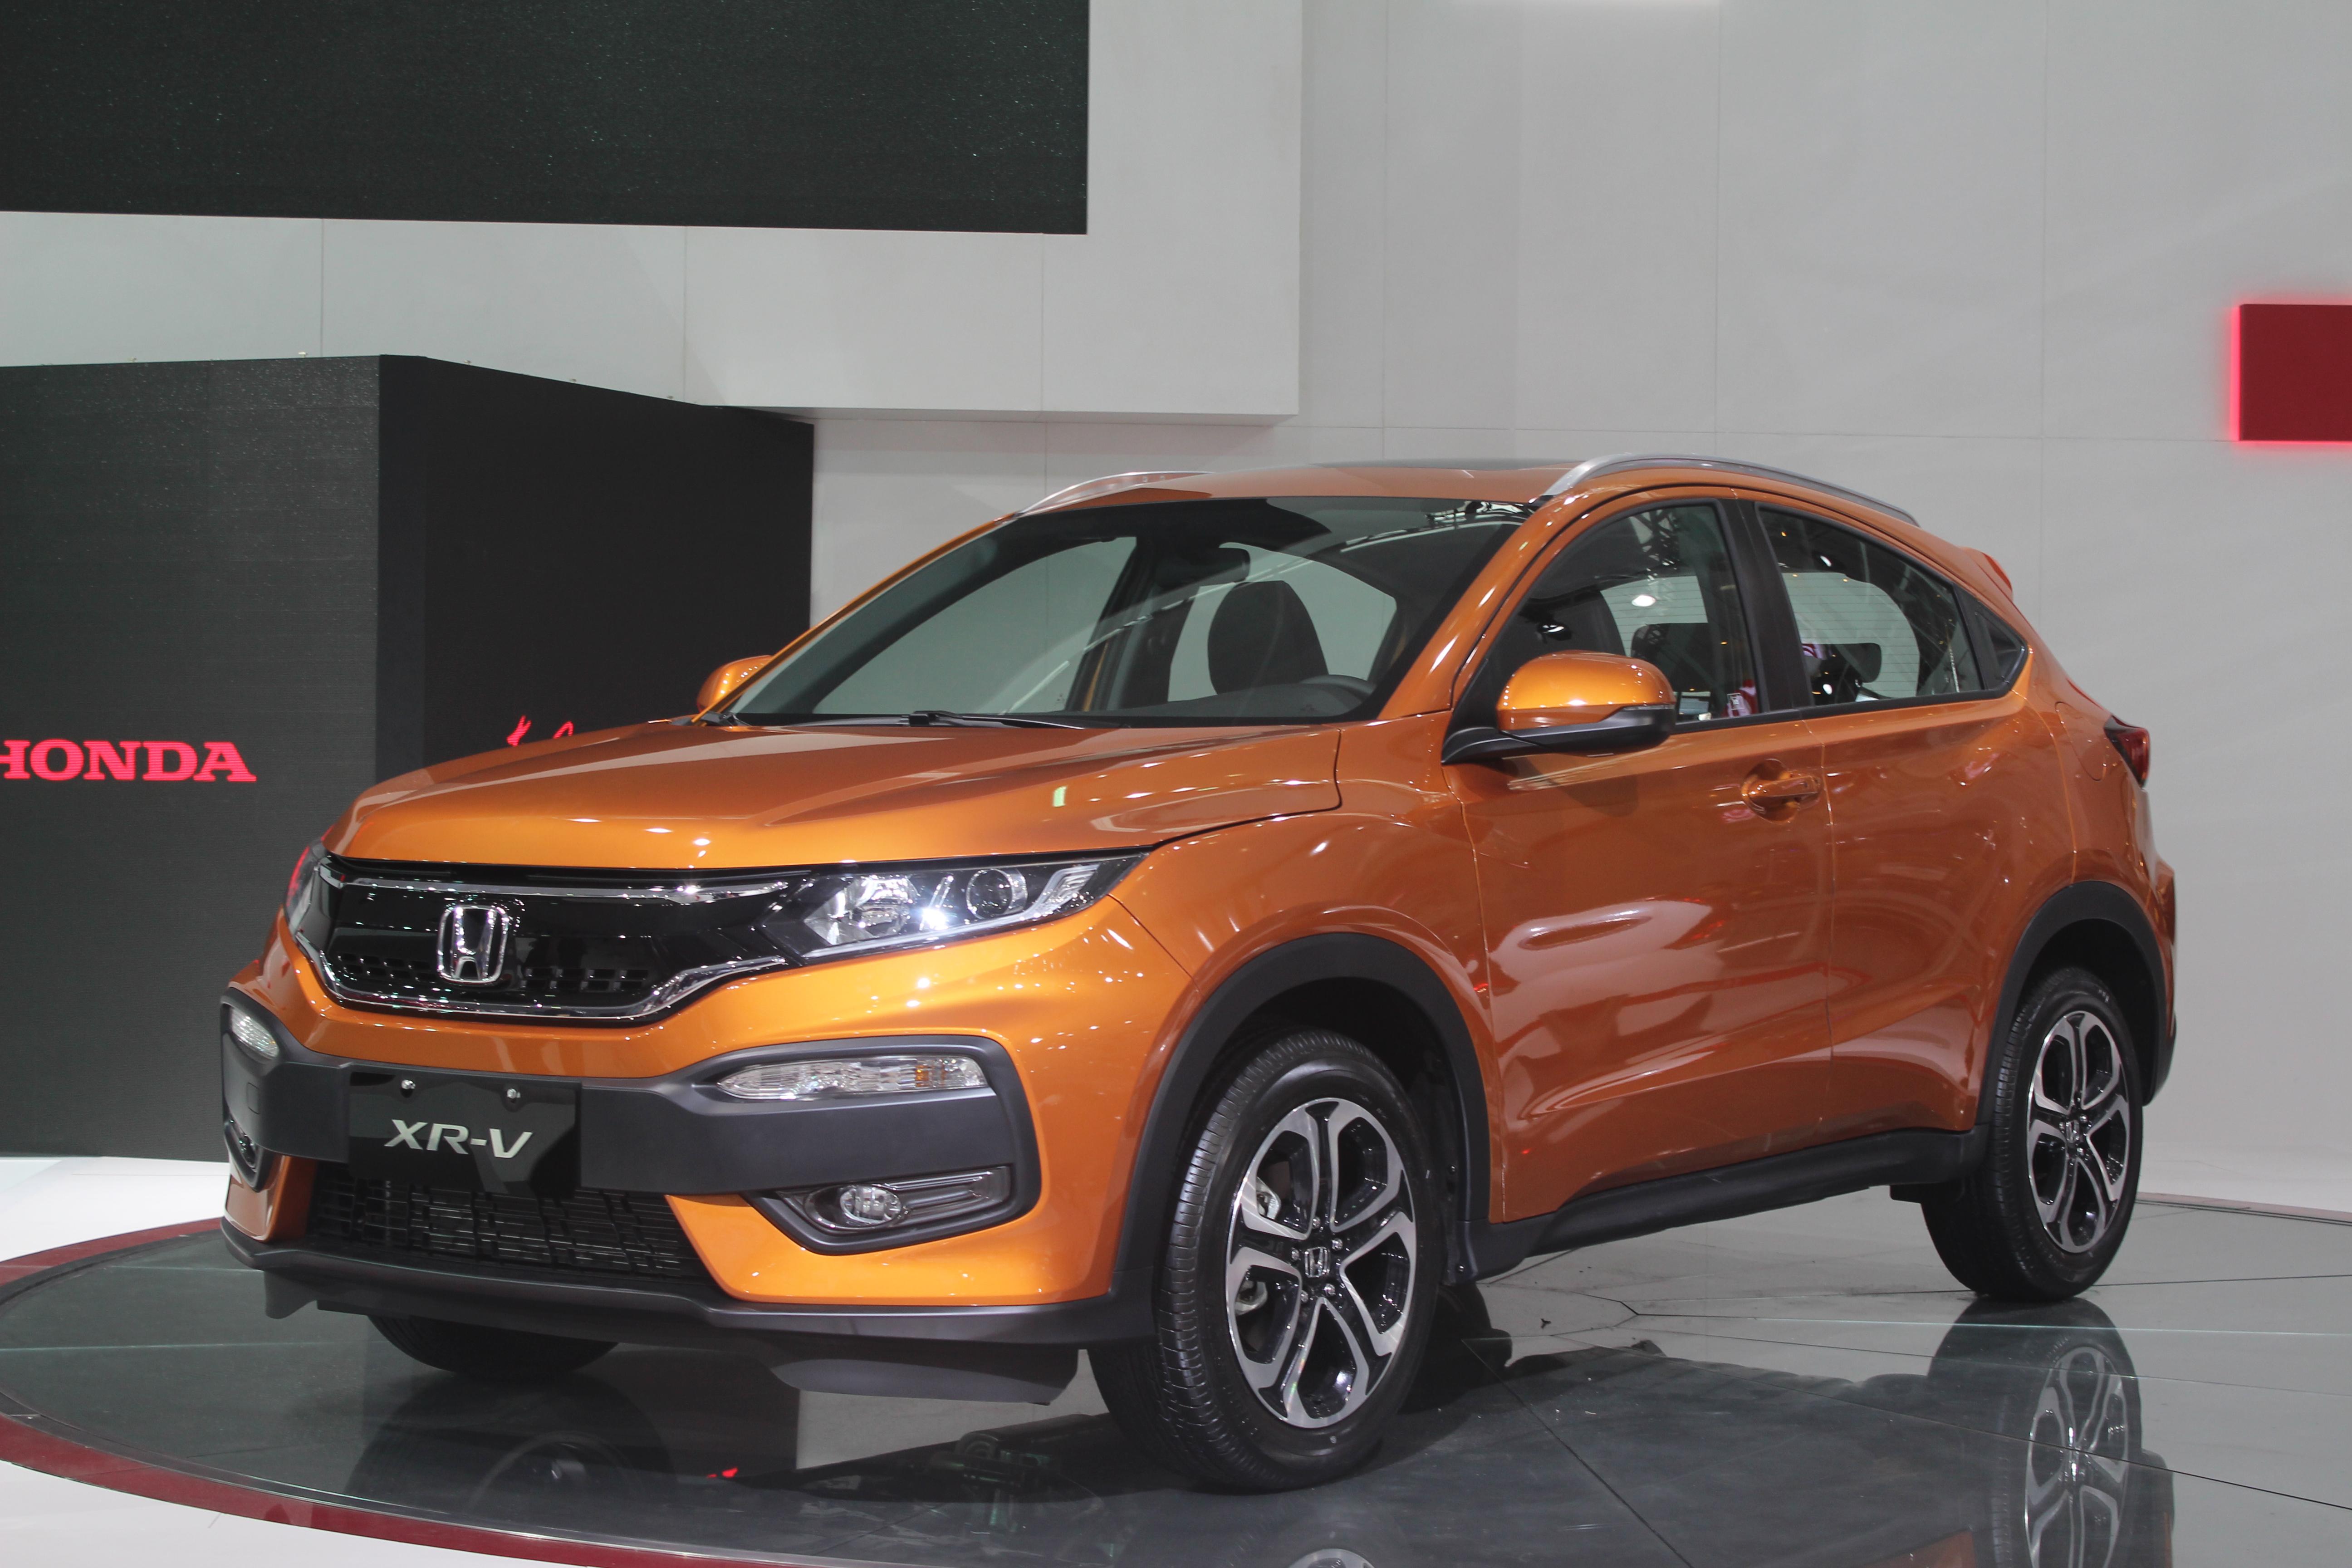 Honda Xrv Vs Hrv - Honda HRV